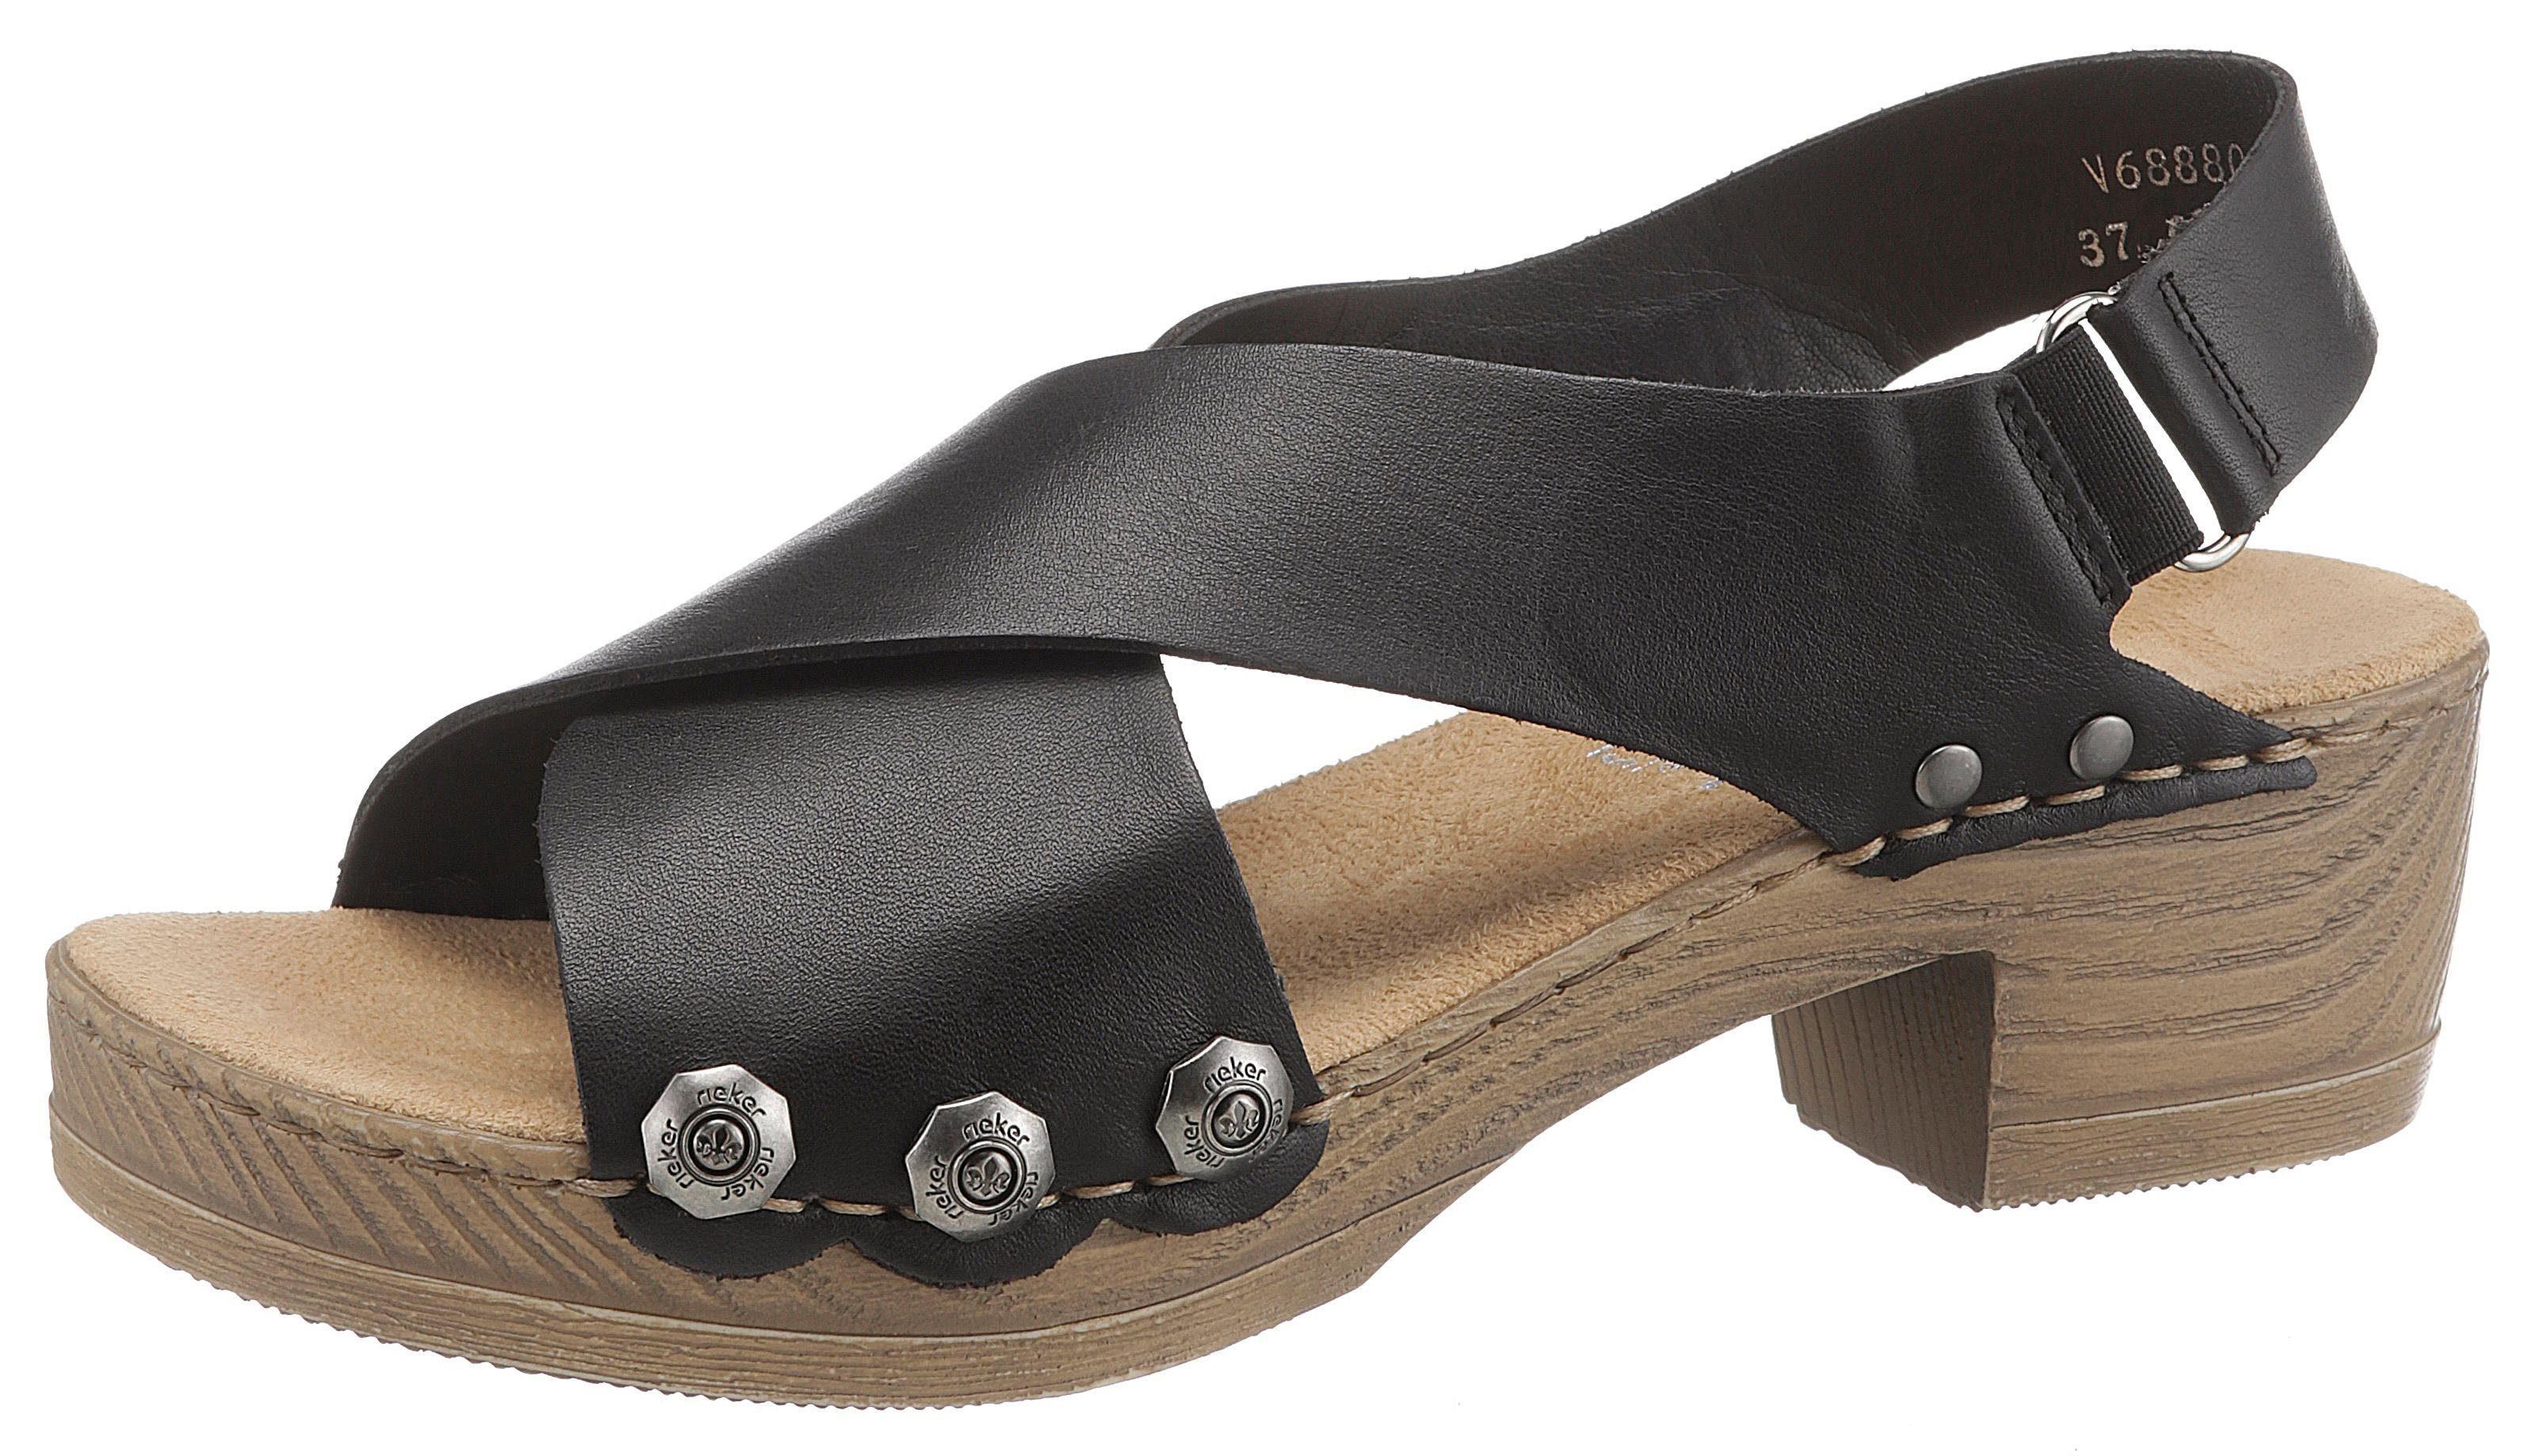 Rieker Sandalette mit angesagten Nieten, Mit kleinem Stretcheinsatz online kaufen | OTTO